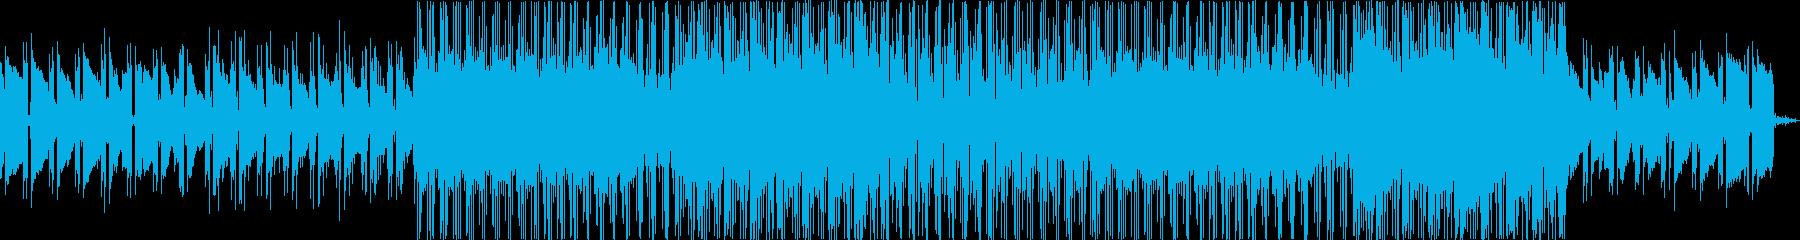 情報、80年代。の再生済みの波形